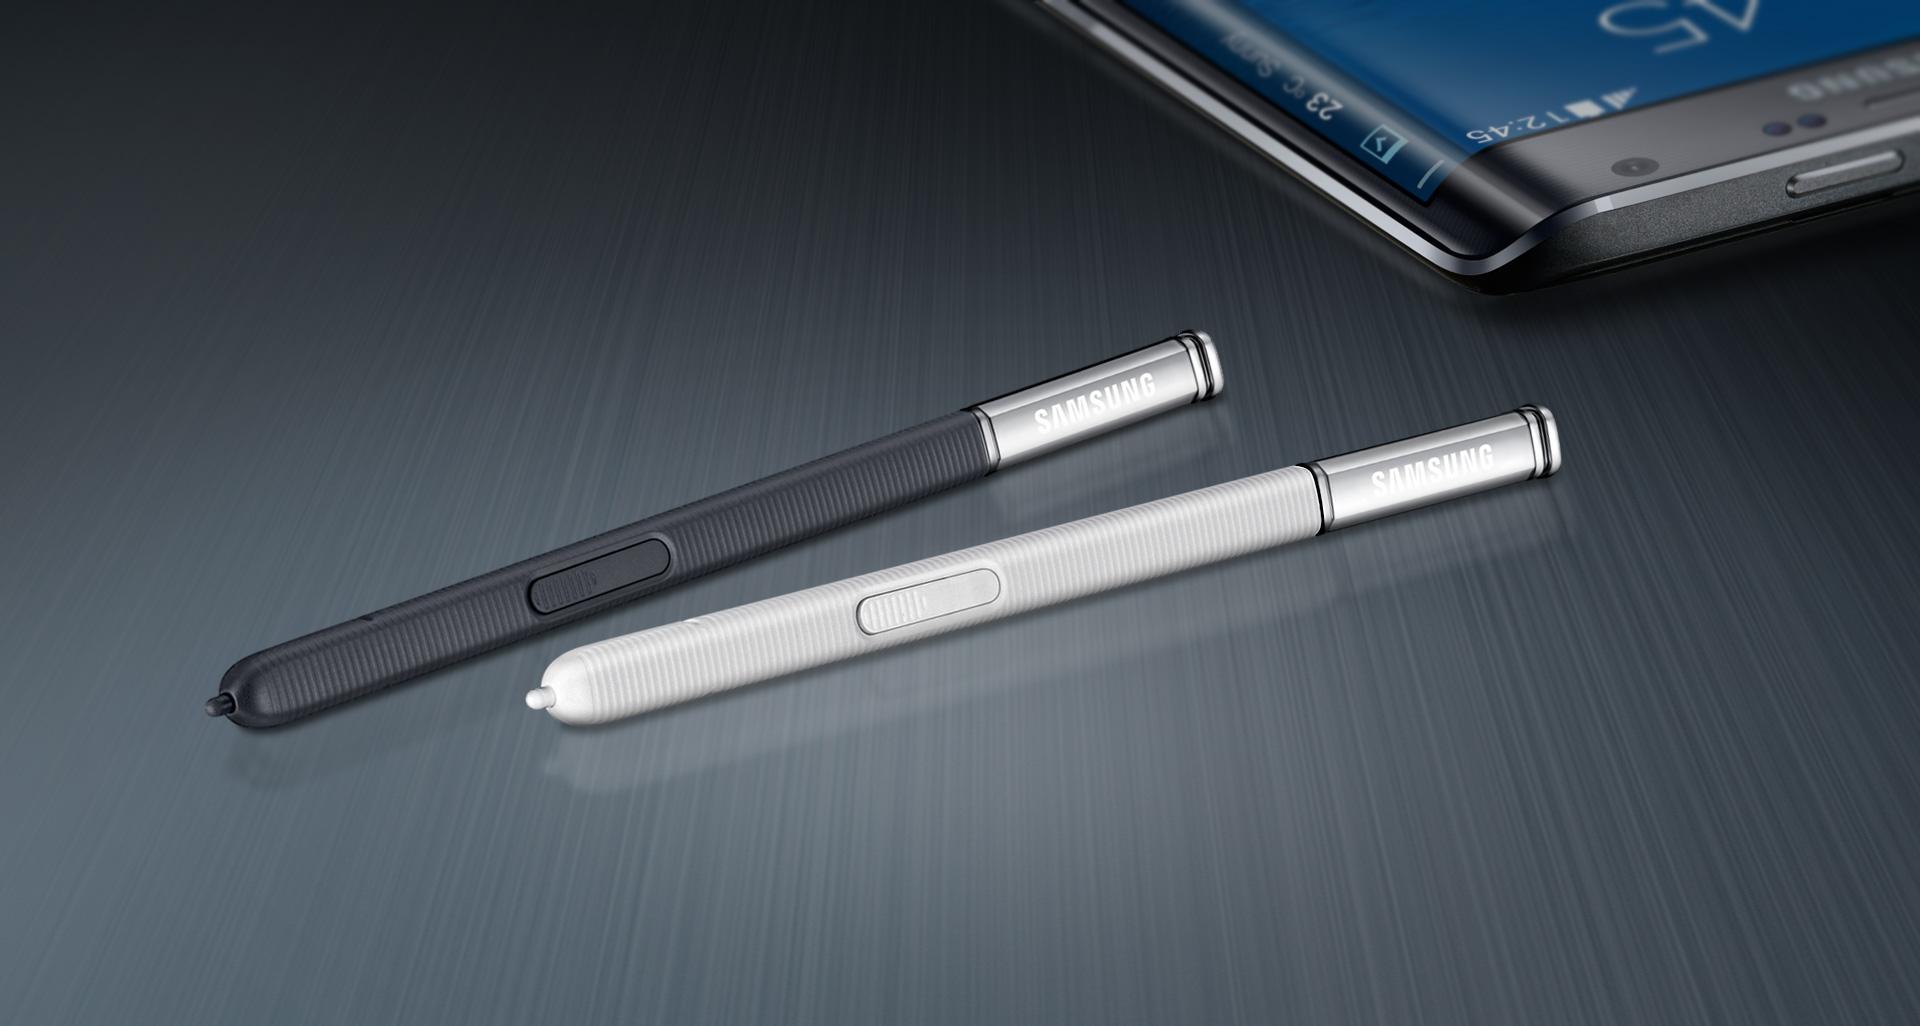 Cover S Pen brevettata da Samsung per altri device